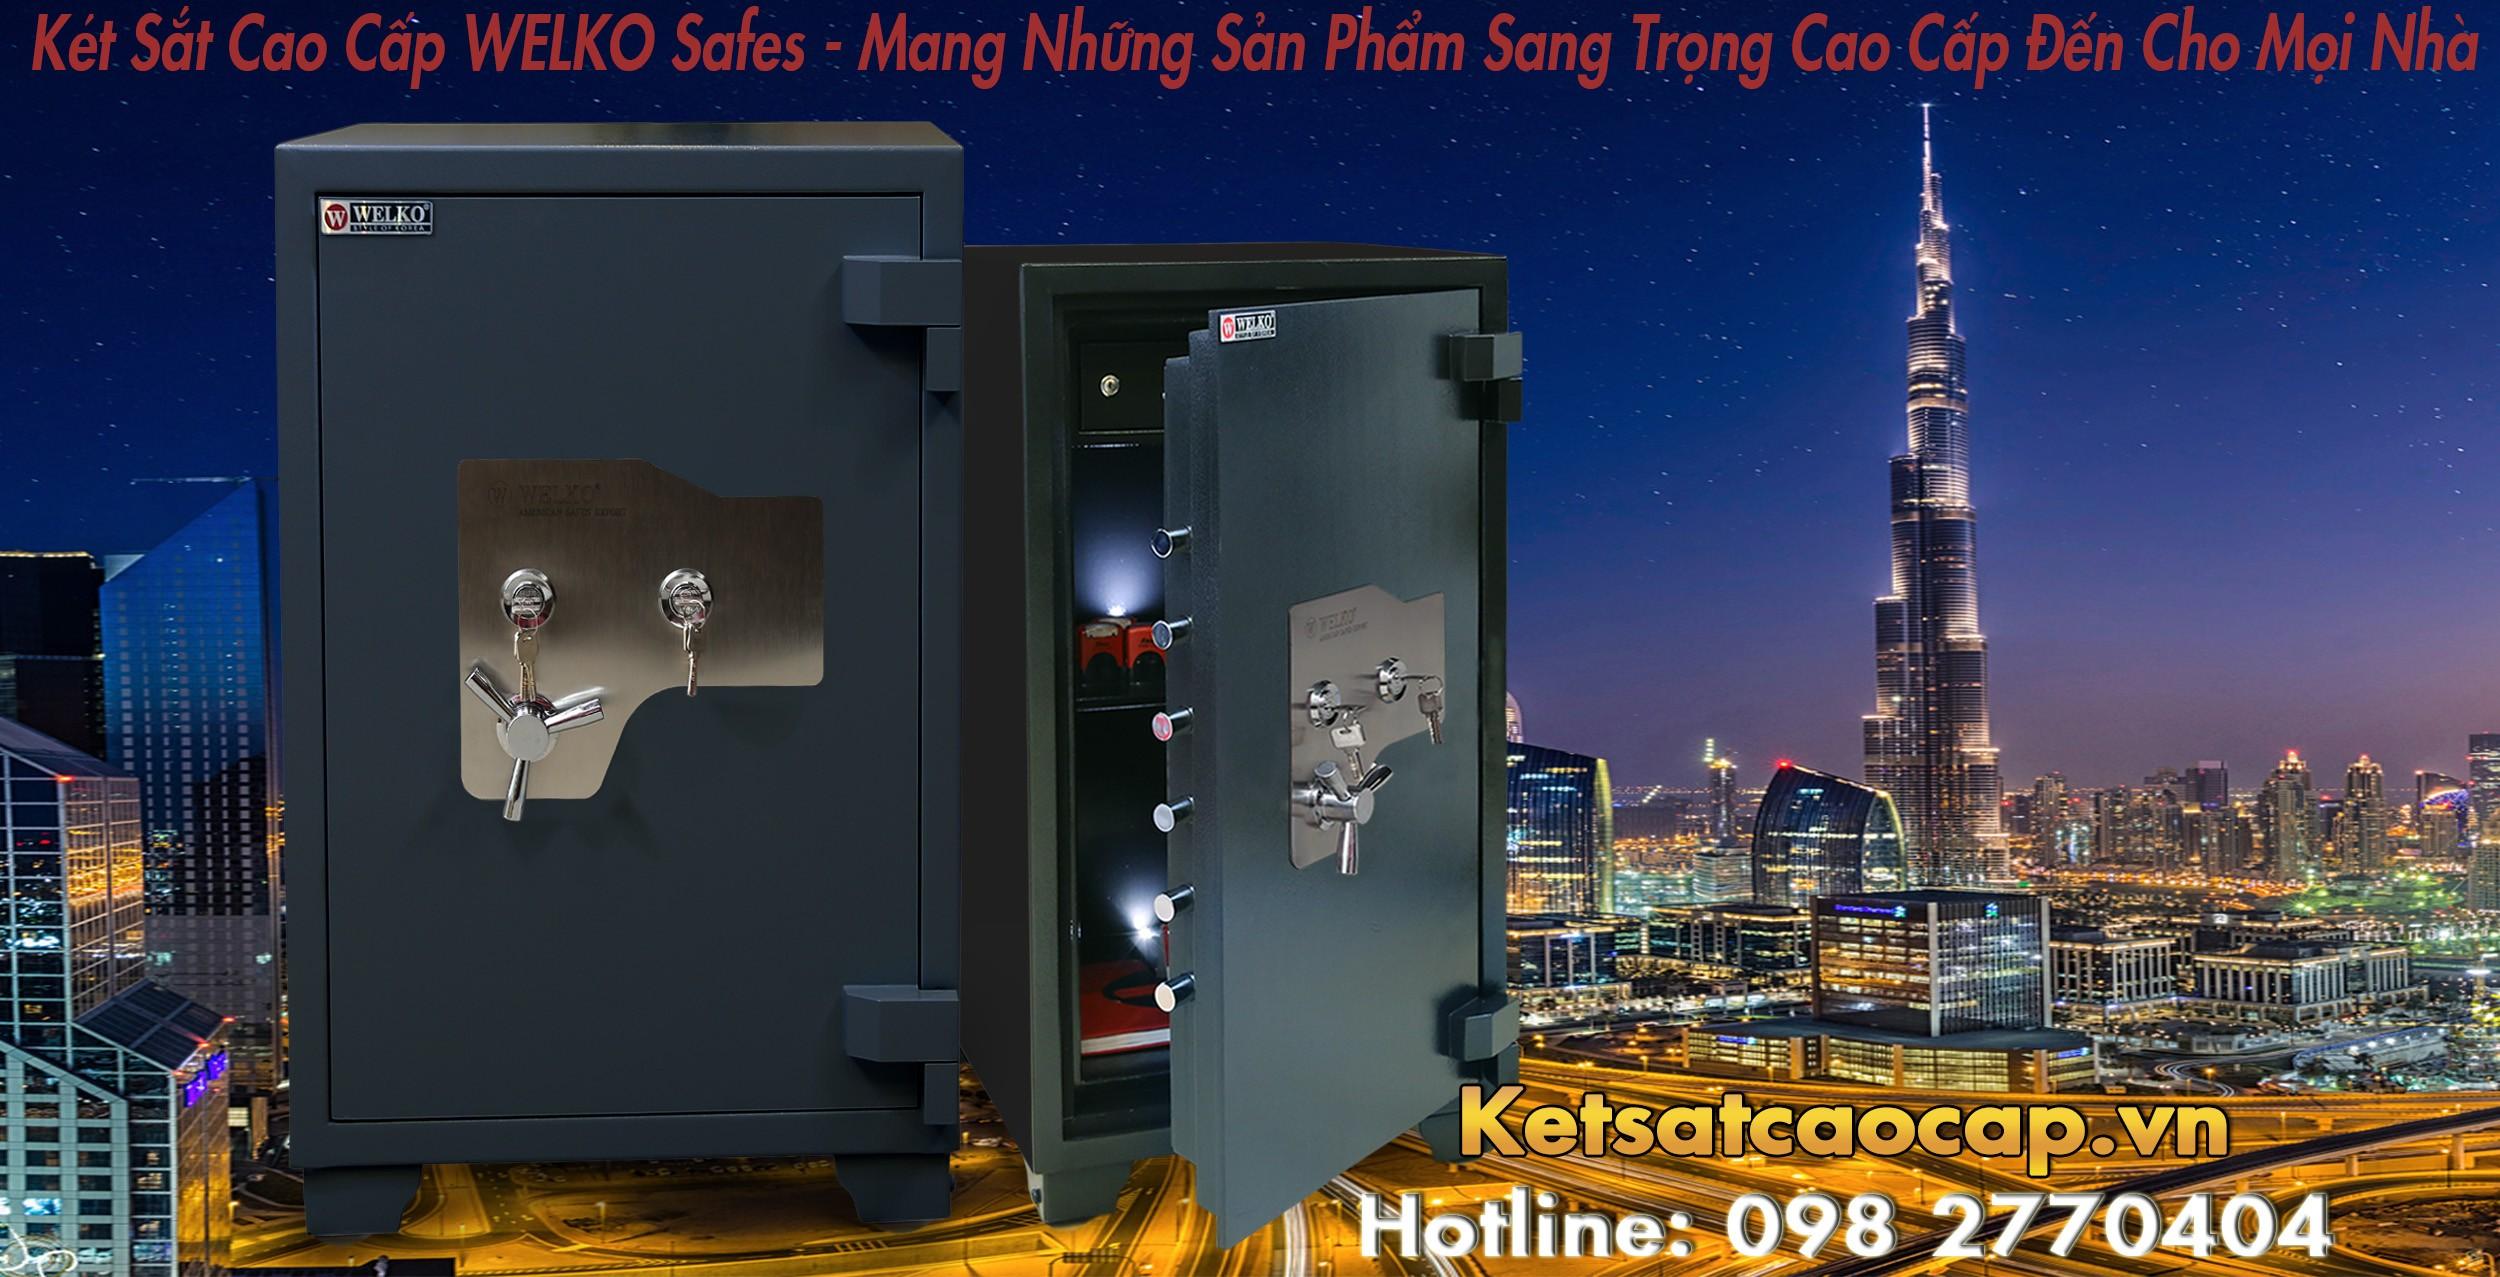 hình ảnh sản phẩm Két Sắt Xuất Khẩu US88 KEY Black Sản Xuất Theo Dây Chuyền CN Hàn Quốc